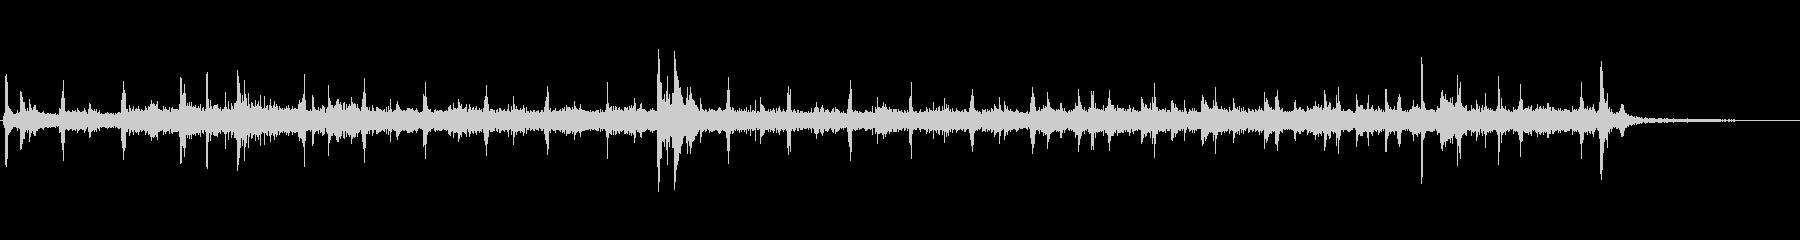 単一のコピー、オフィスコピー機の作成の未再生の波形